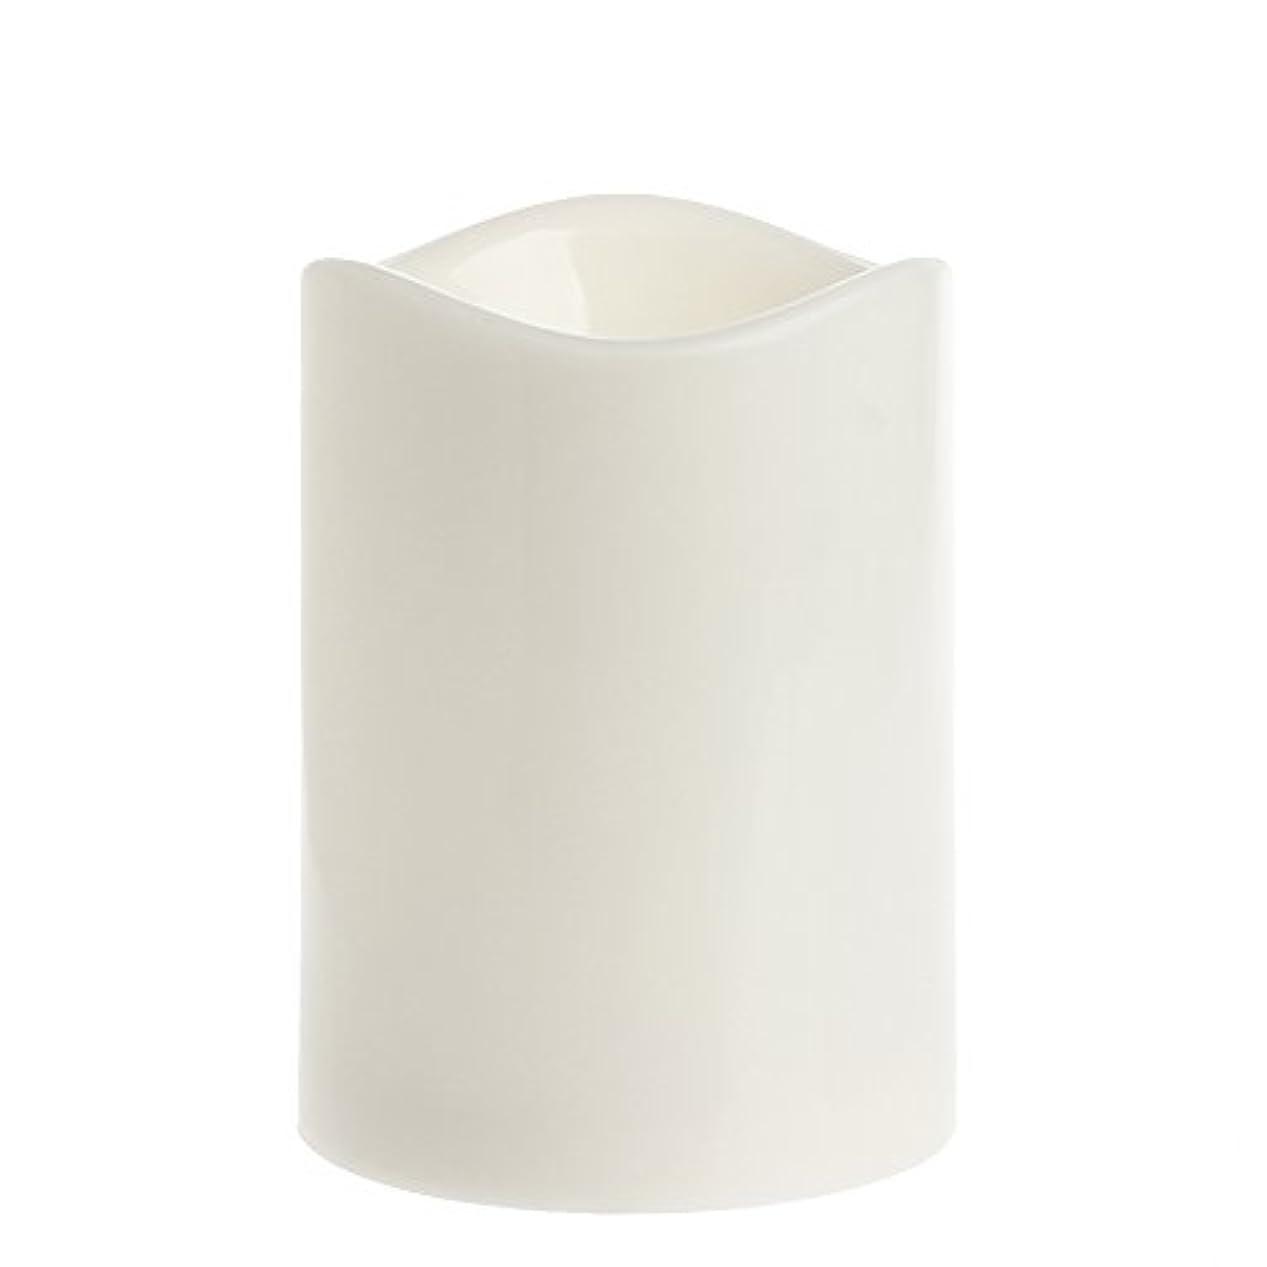 第内なるしたいSimpleLifeロマンチックFlameless LED電子キャンドルライトウェディング香りワックスホームインテリア